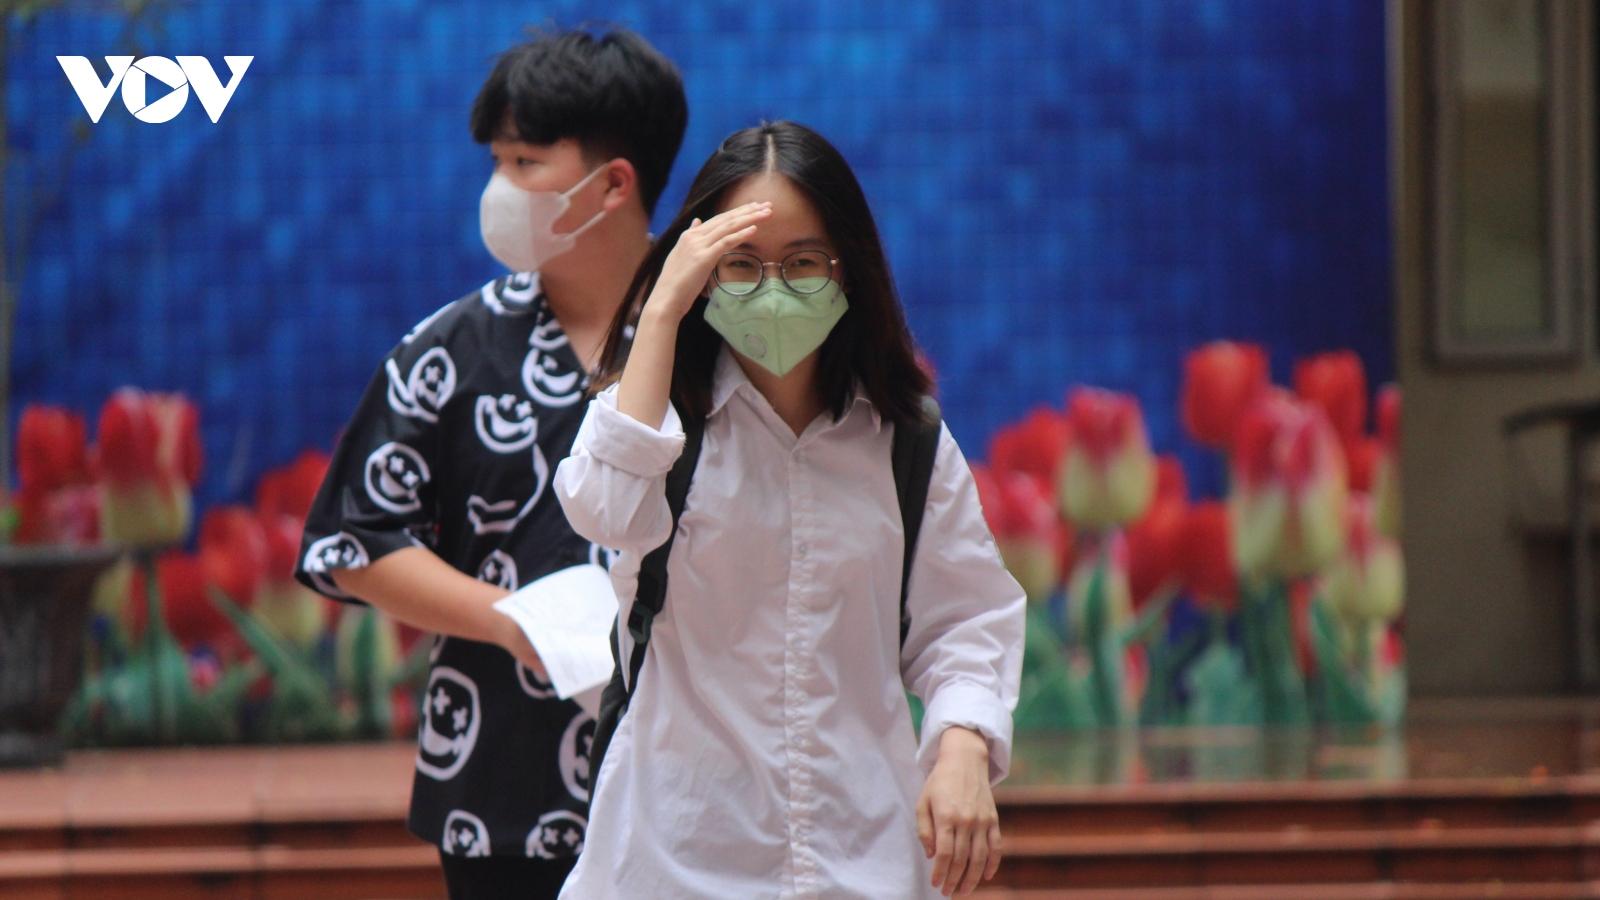 Nam Định điều chỉnh lịch thi lớp 10, tổ chức sớm hơn 1 tháng so với dự kiến